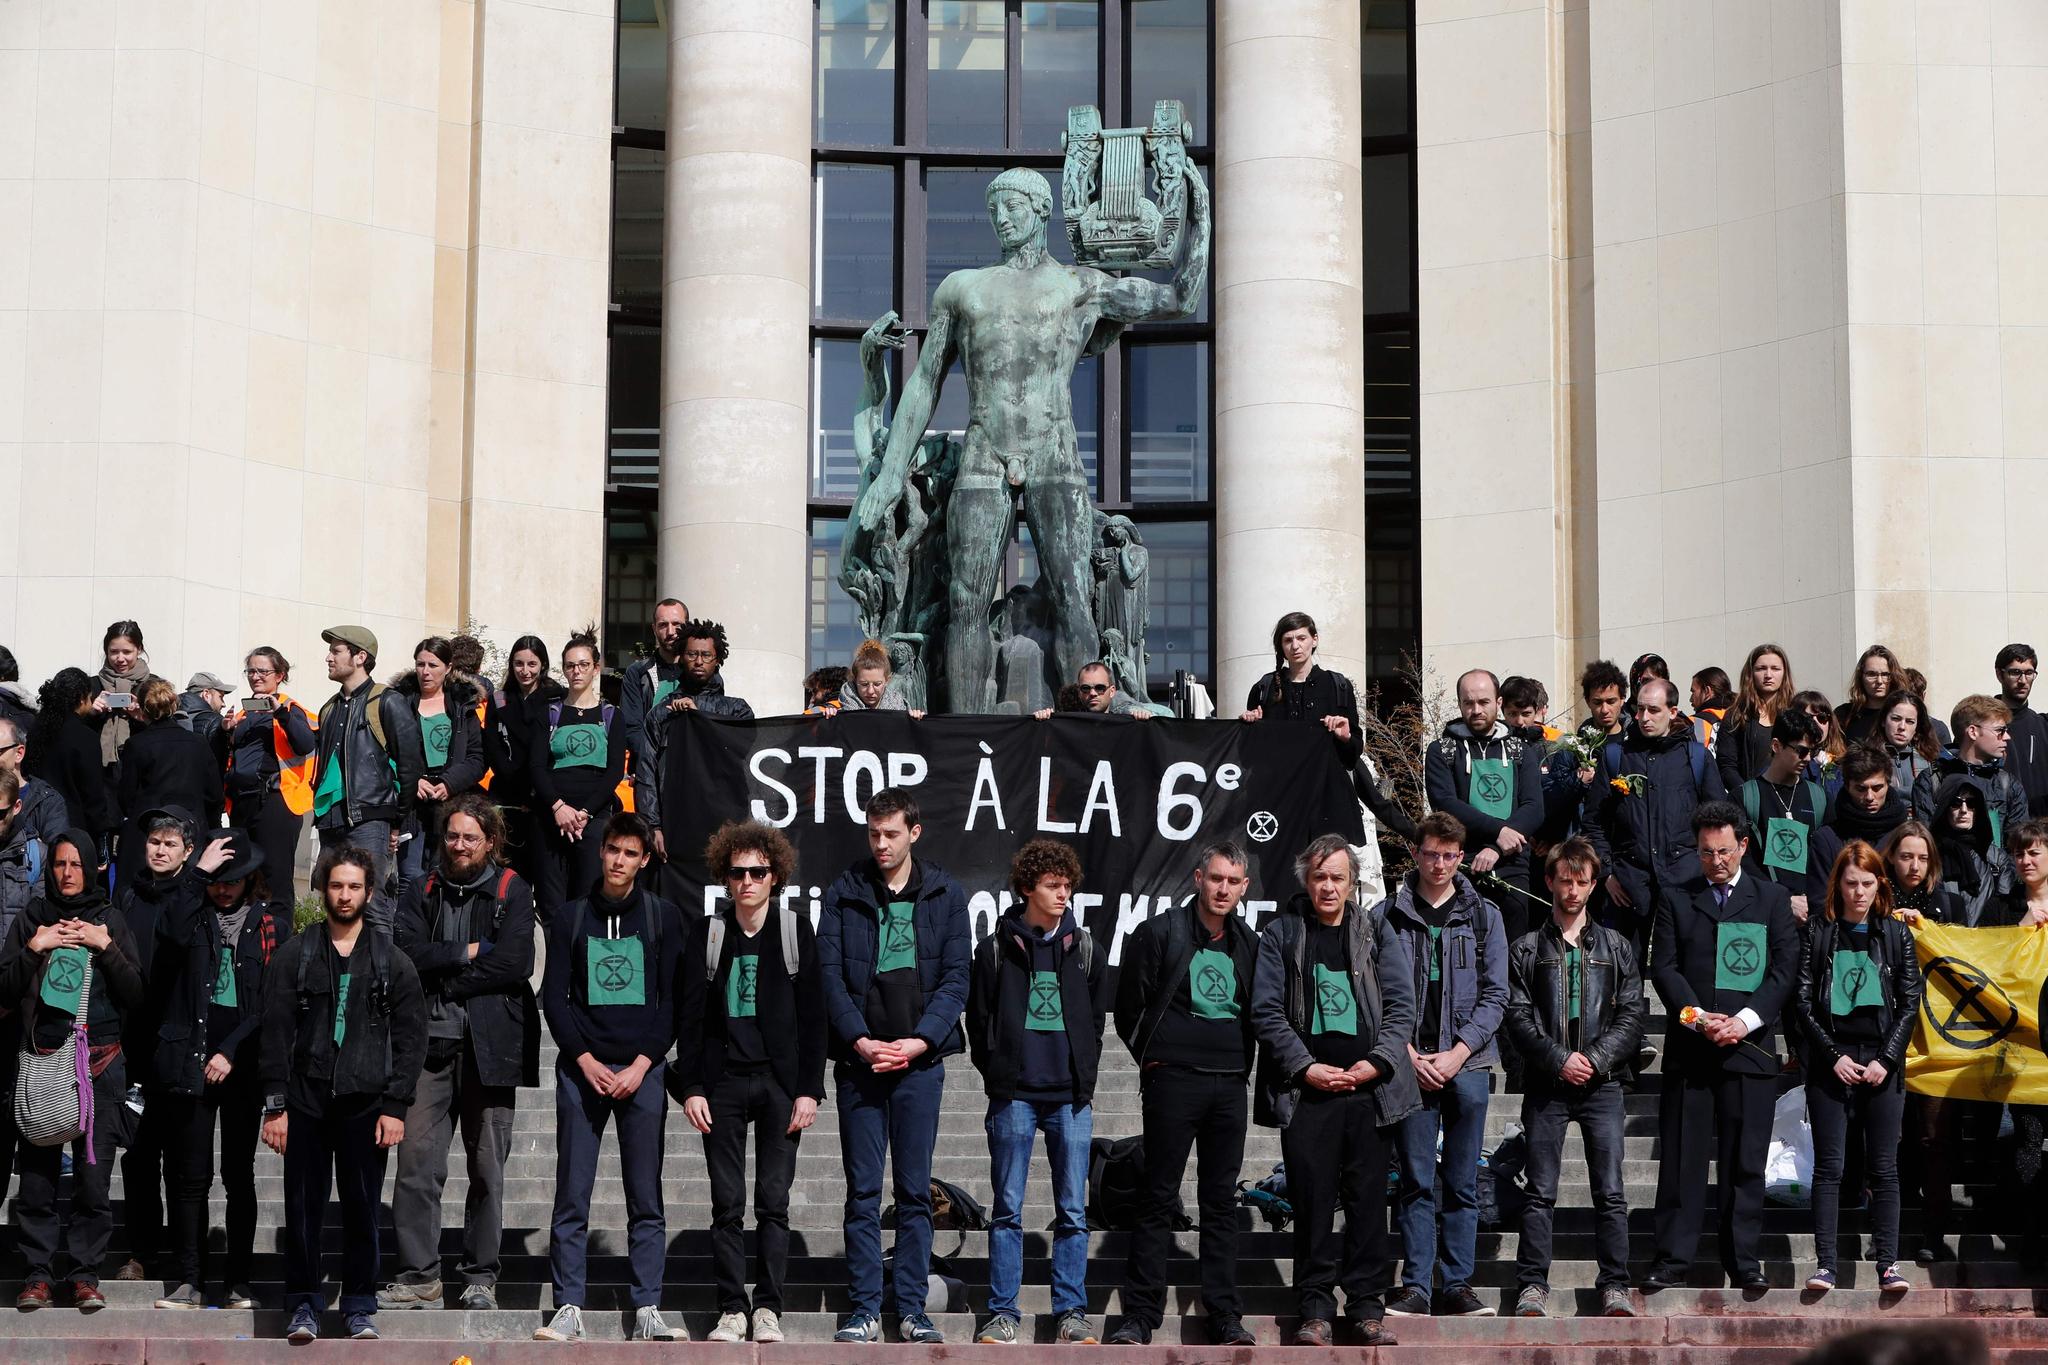 검은옷을 입은 멸종저항 시위대가 계단을 청소하기 전 몇 분간 침묵을 하는 시위를 하고 있다. [AFP=연합뉴스]